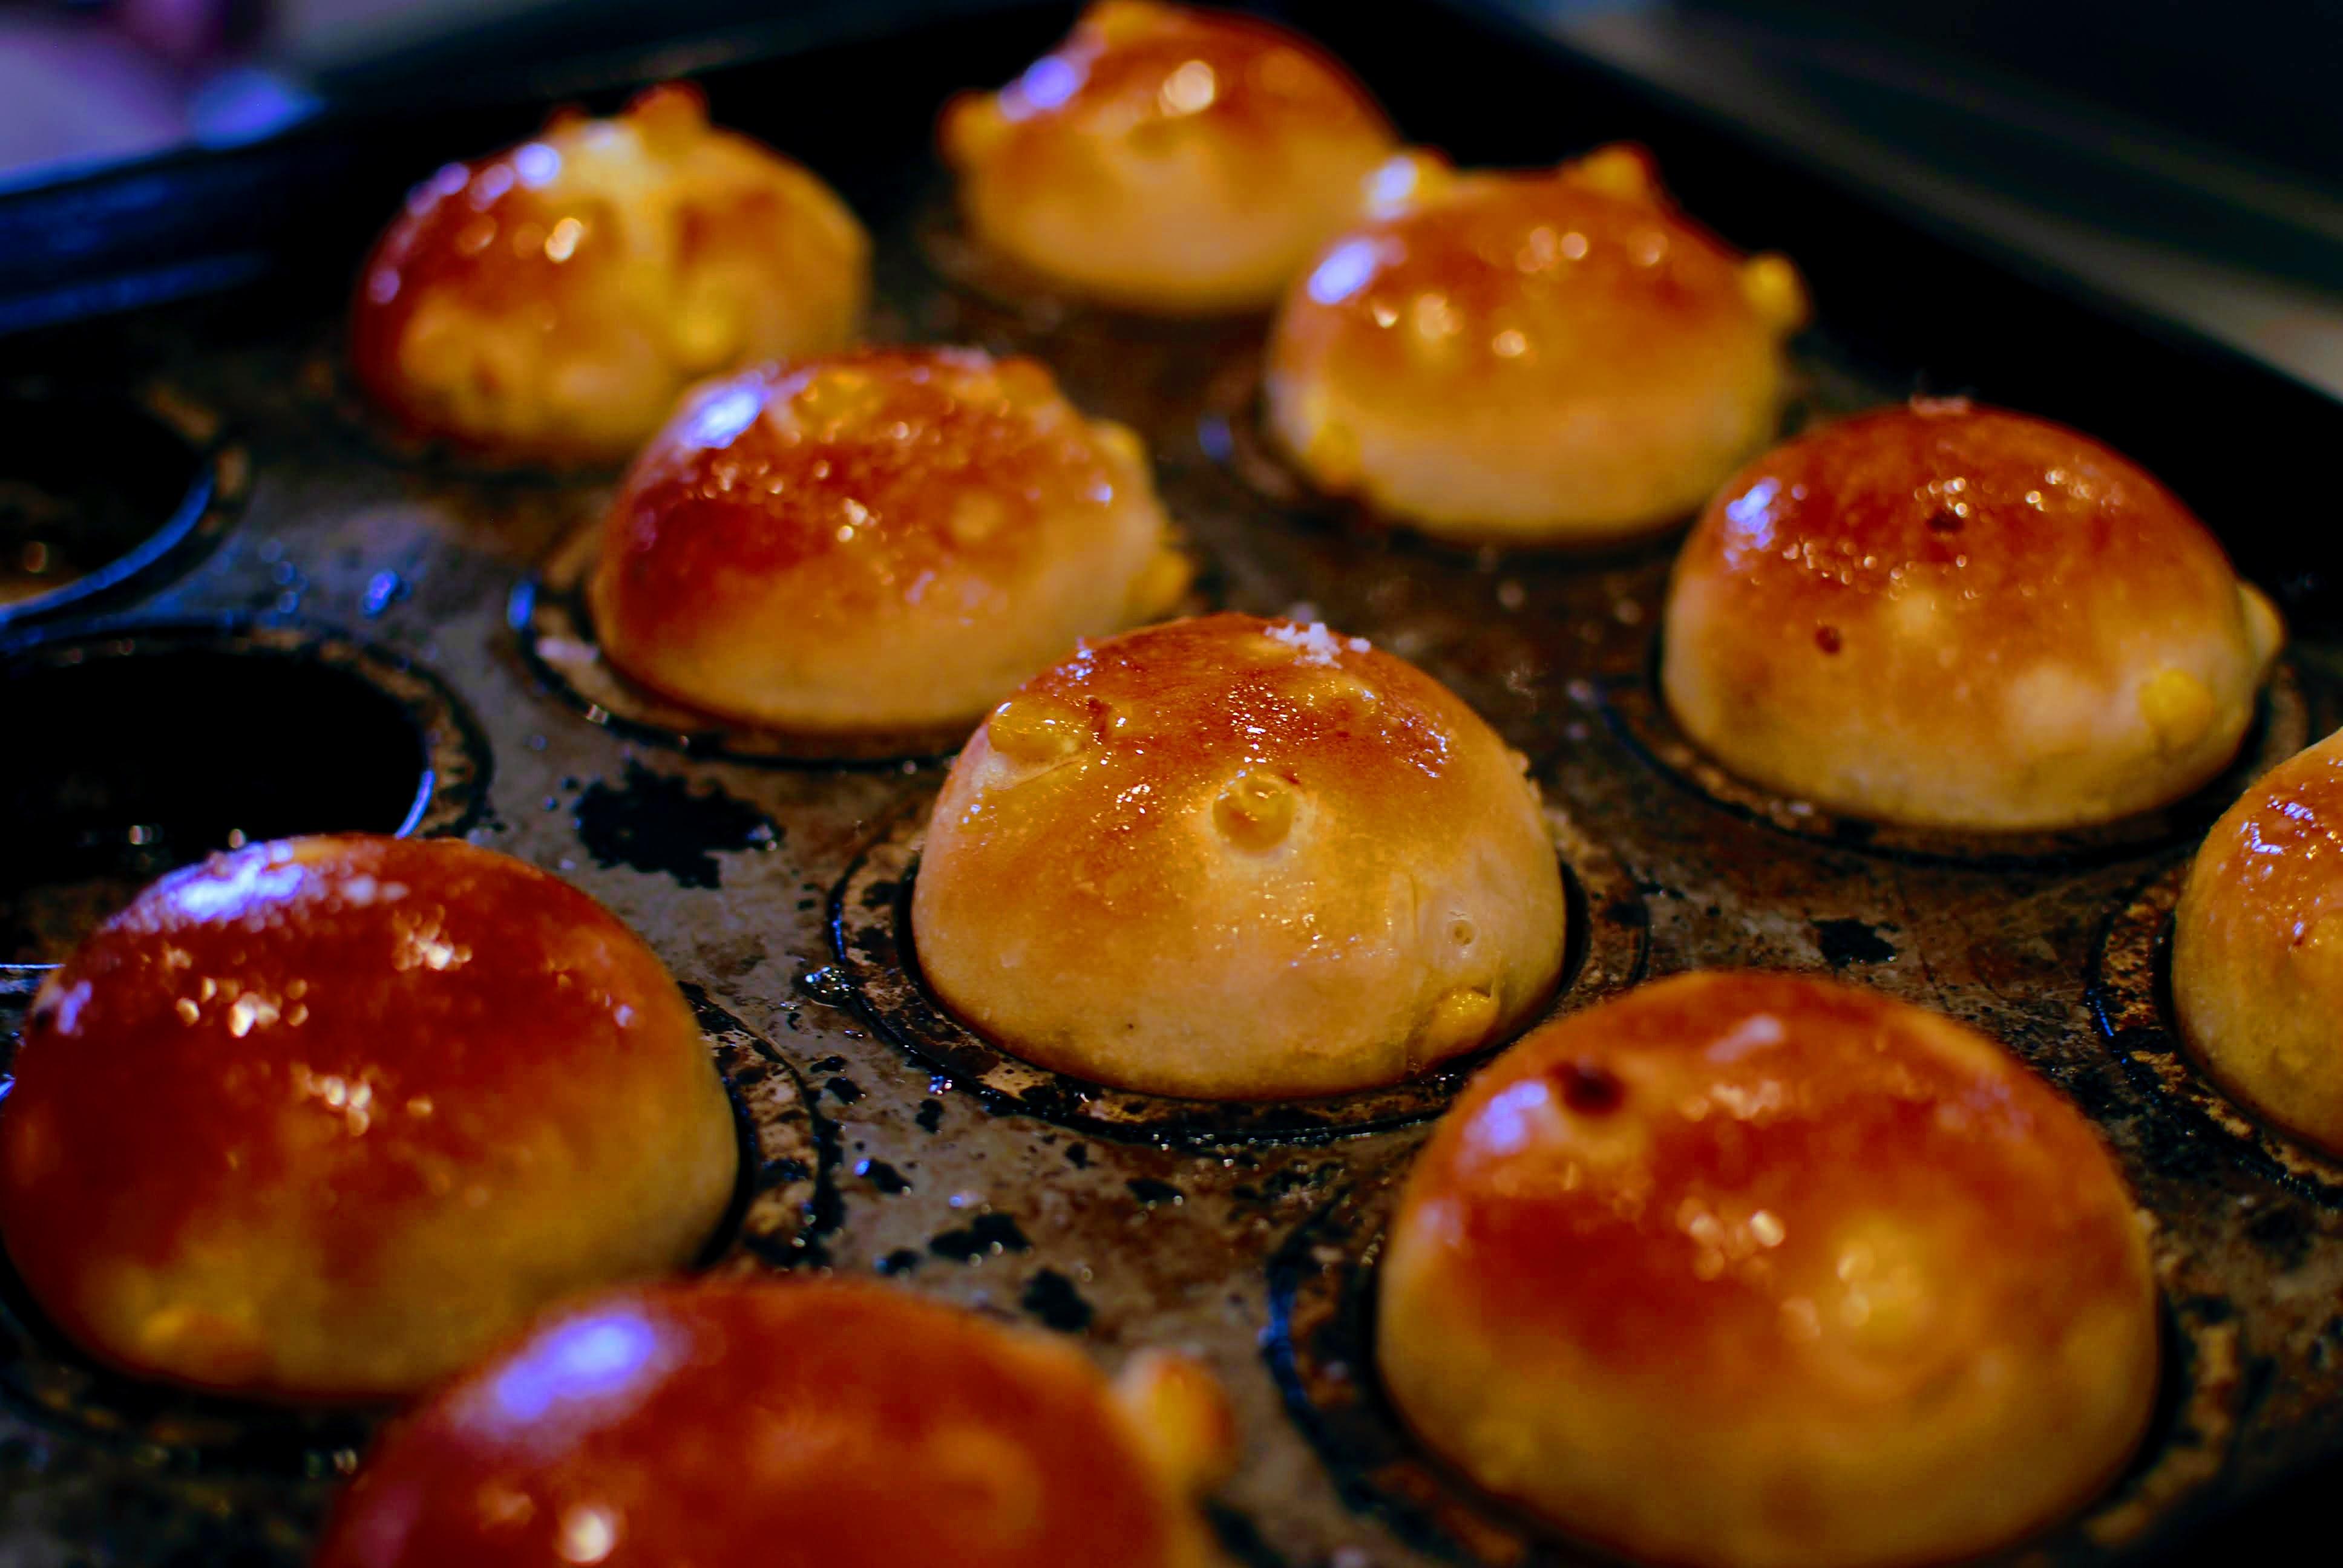 もちもち、しっとり食感「北海道とうもろこしのコーンパン」